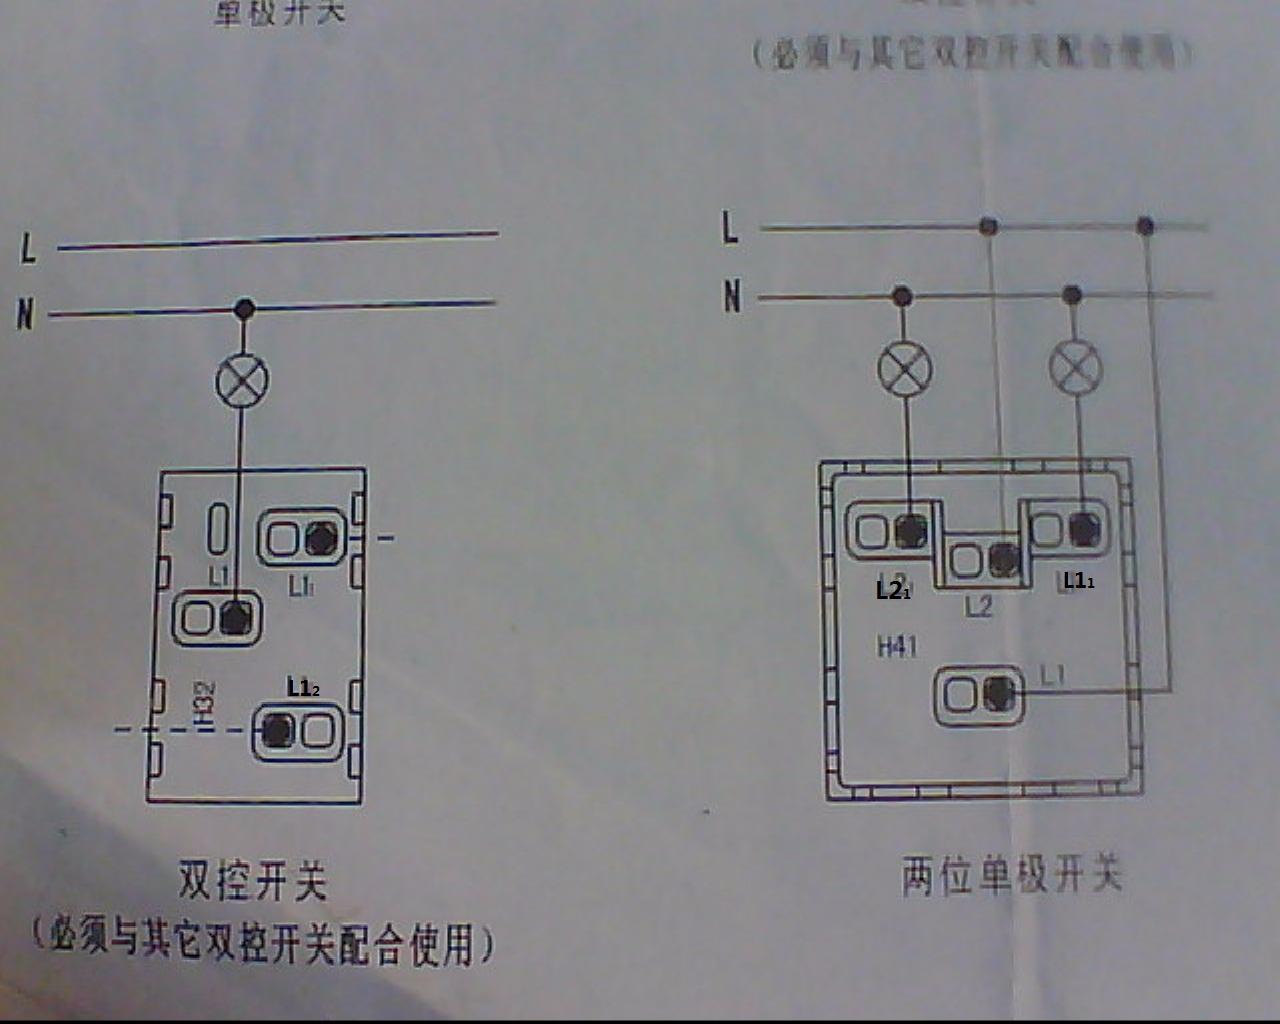 西蒙simon双控开关接线图怎么接?什么双控啊?如何控制